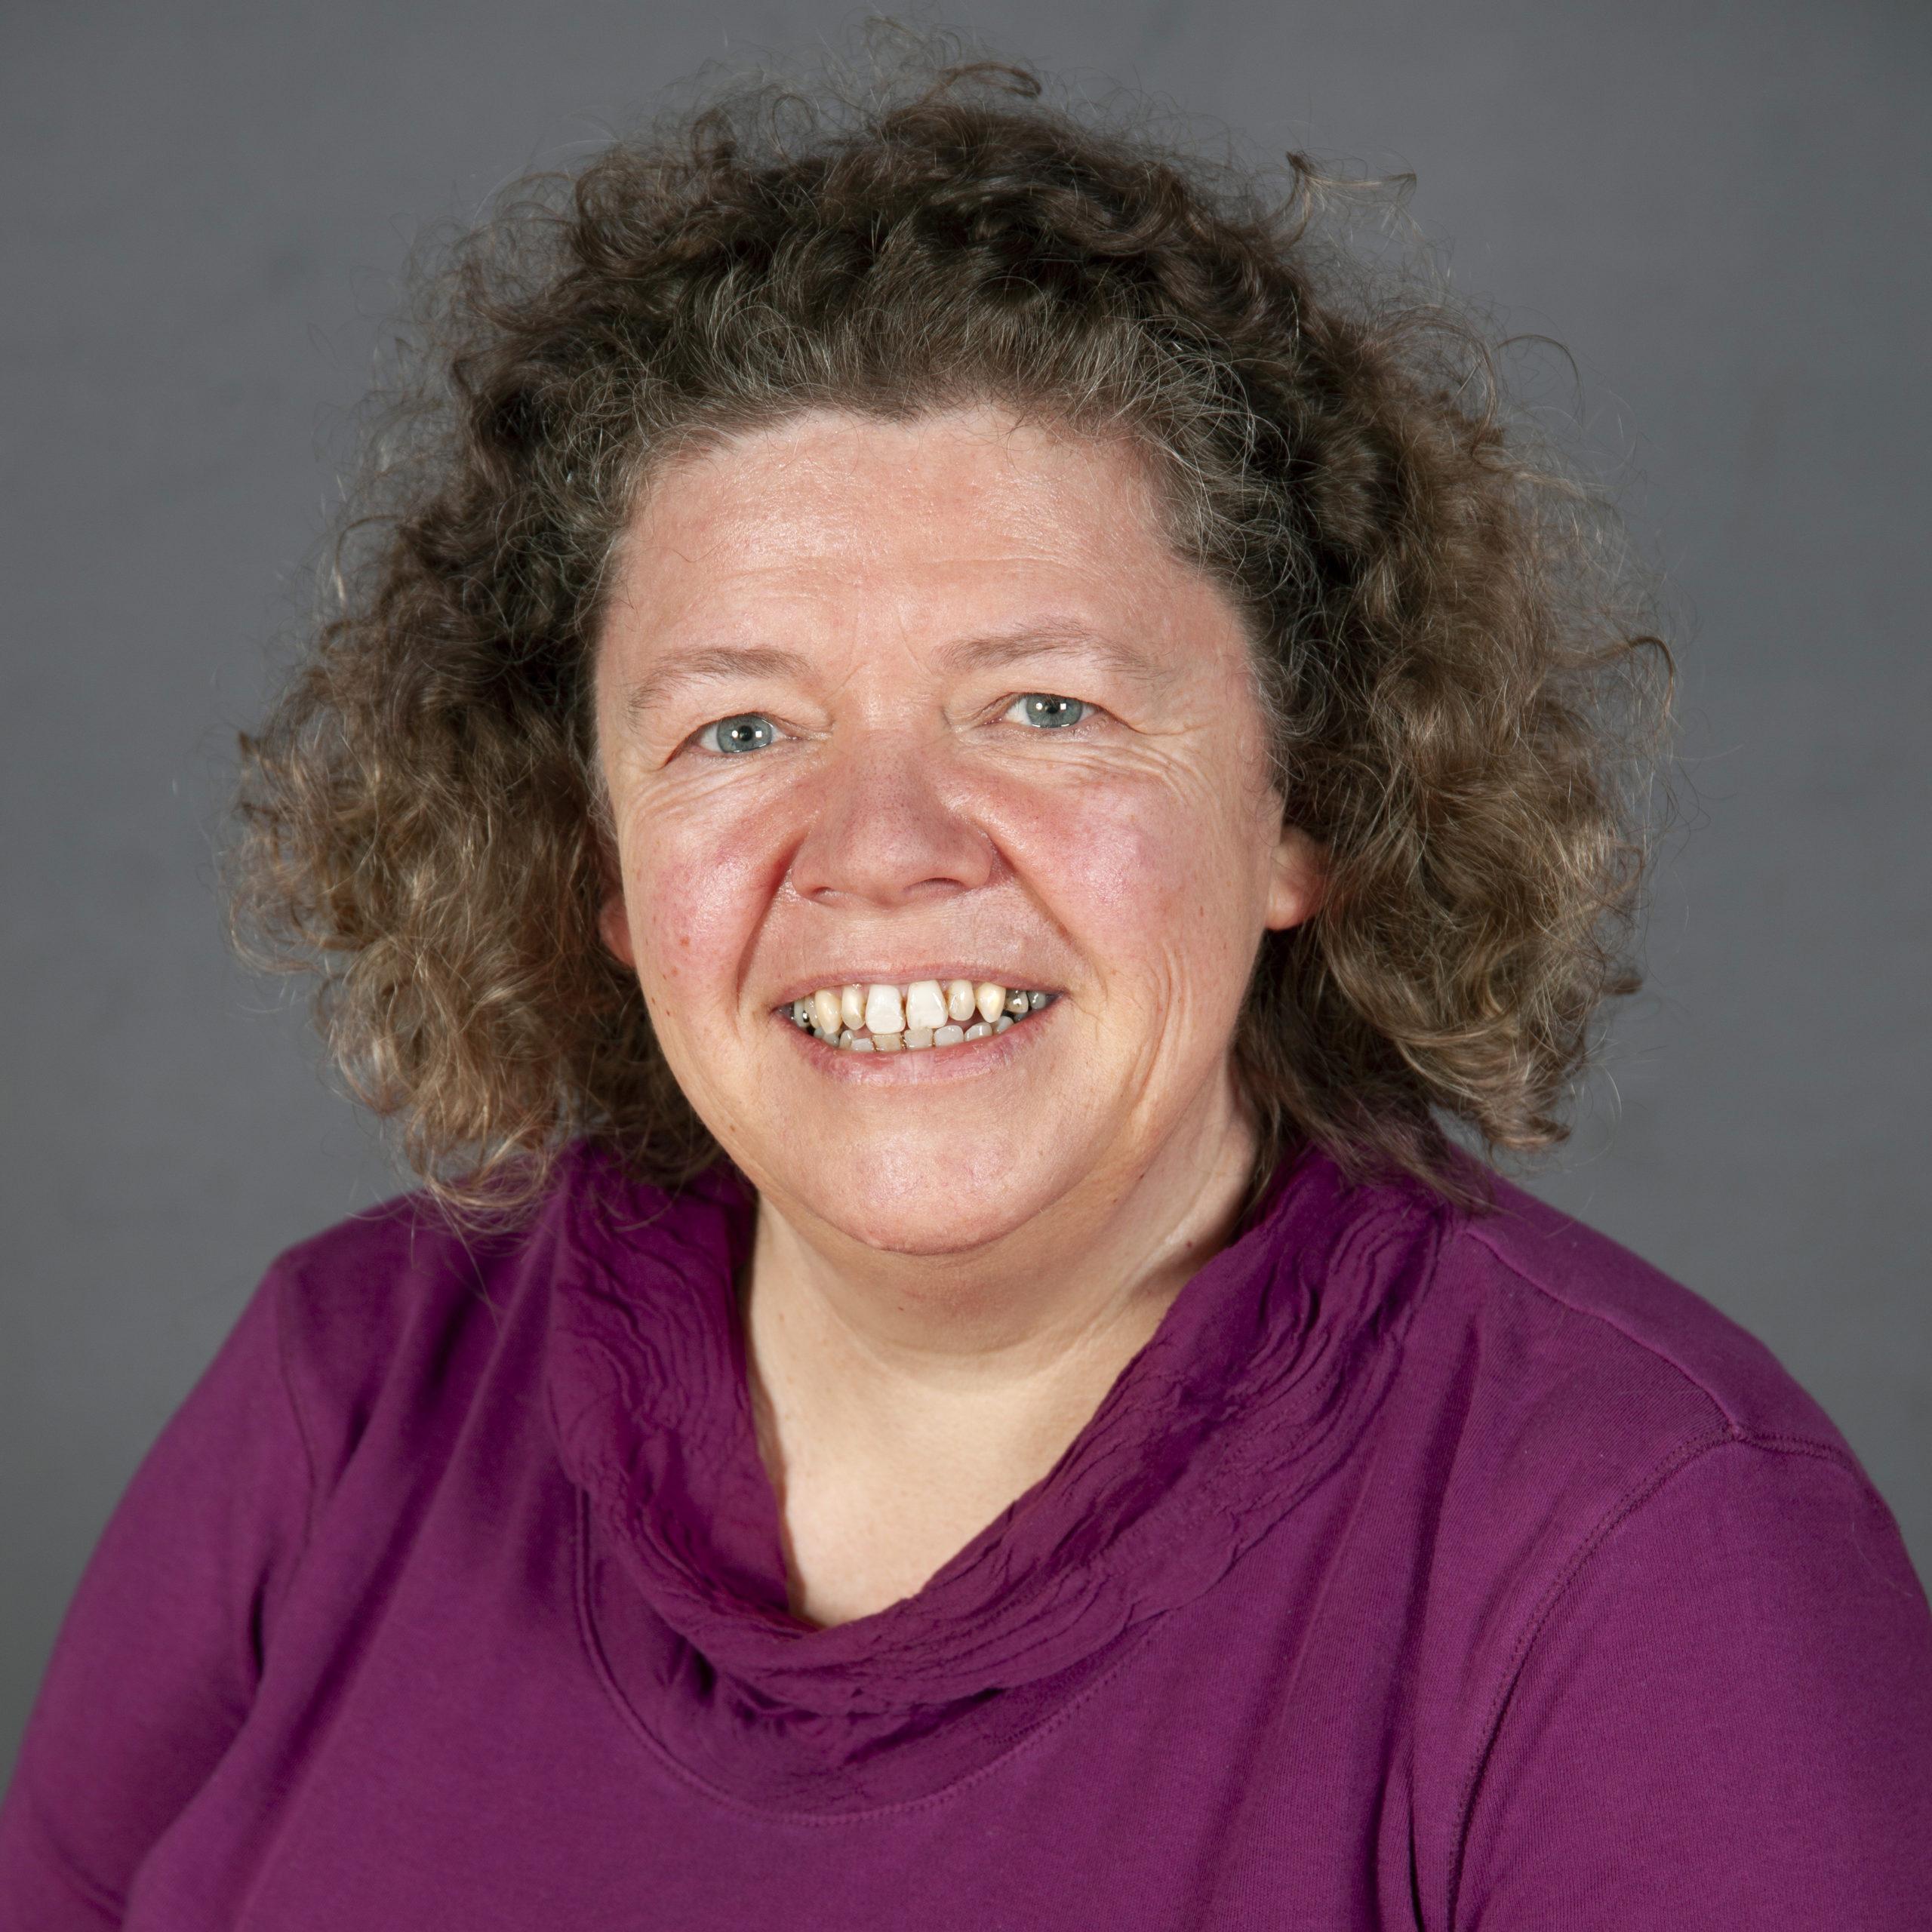 Marianne Kraus